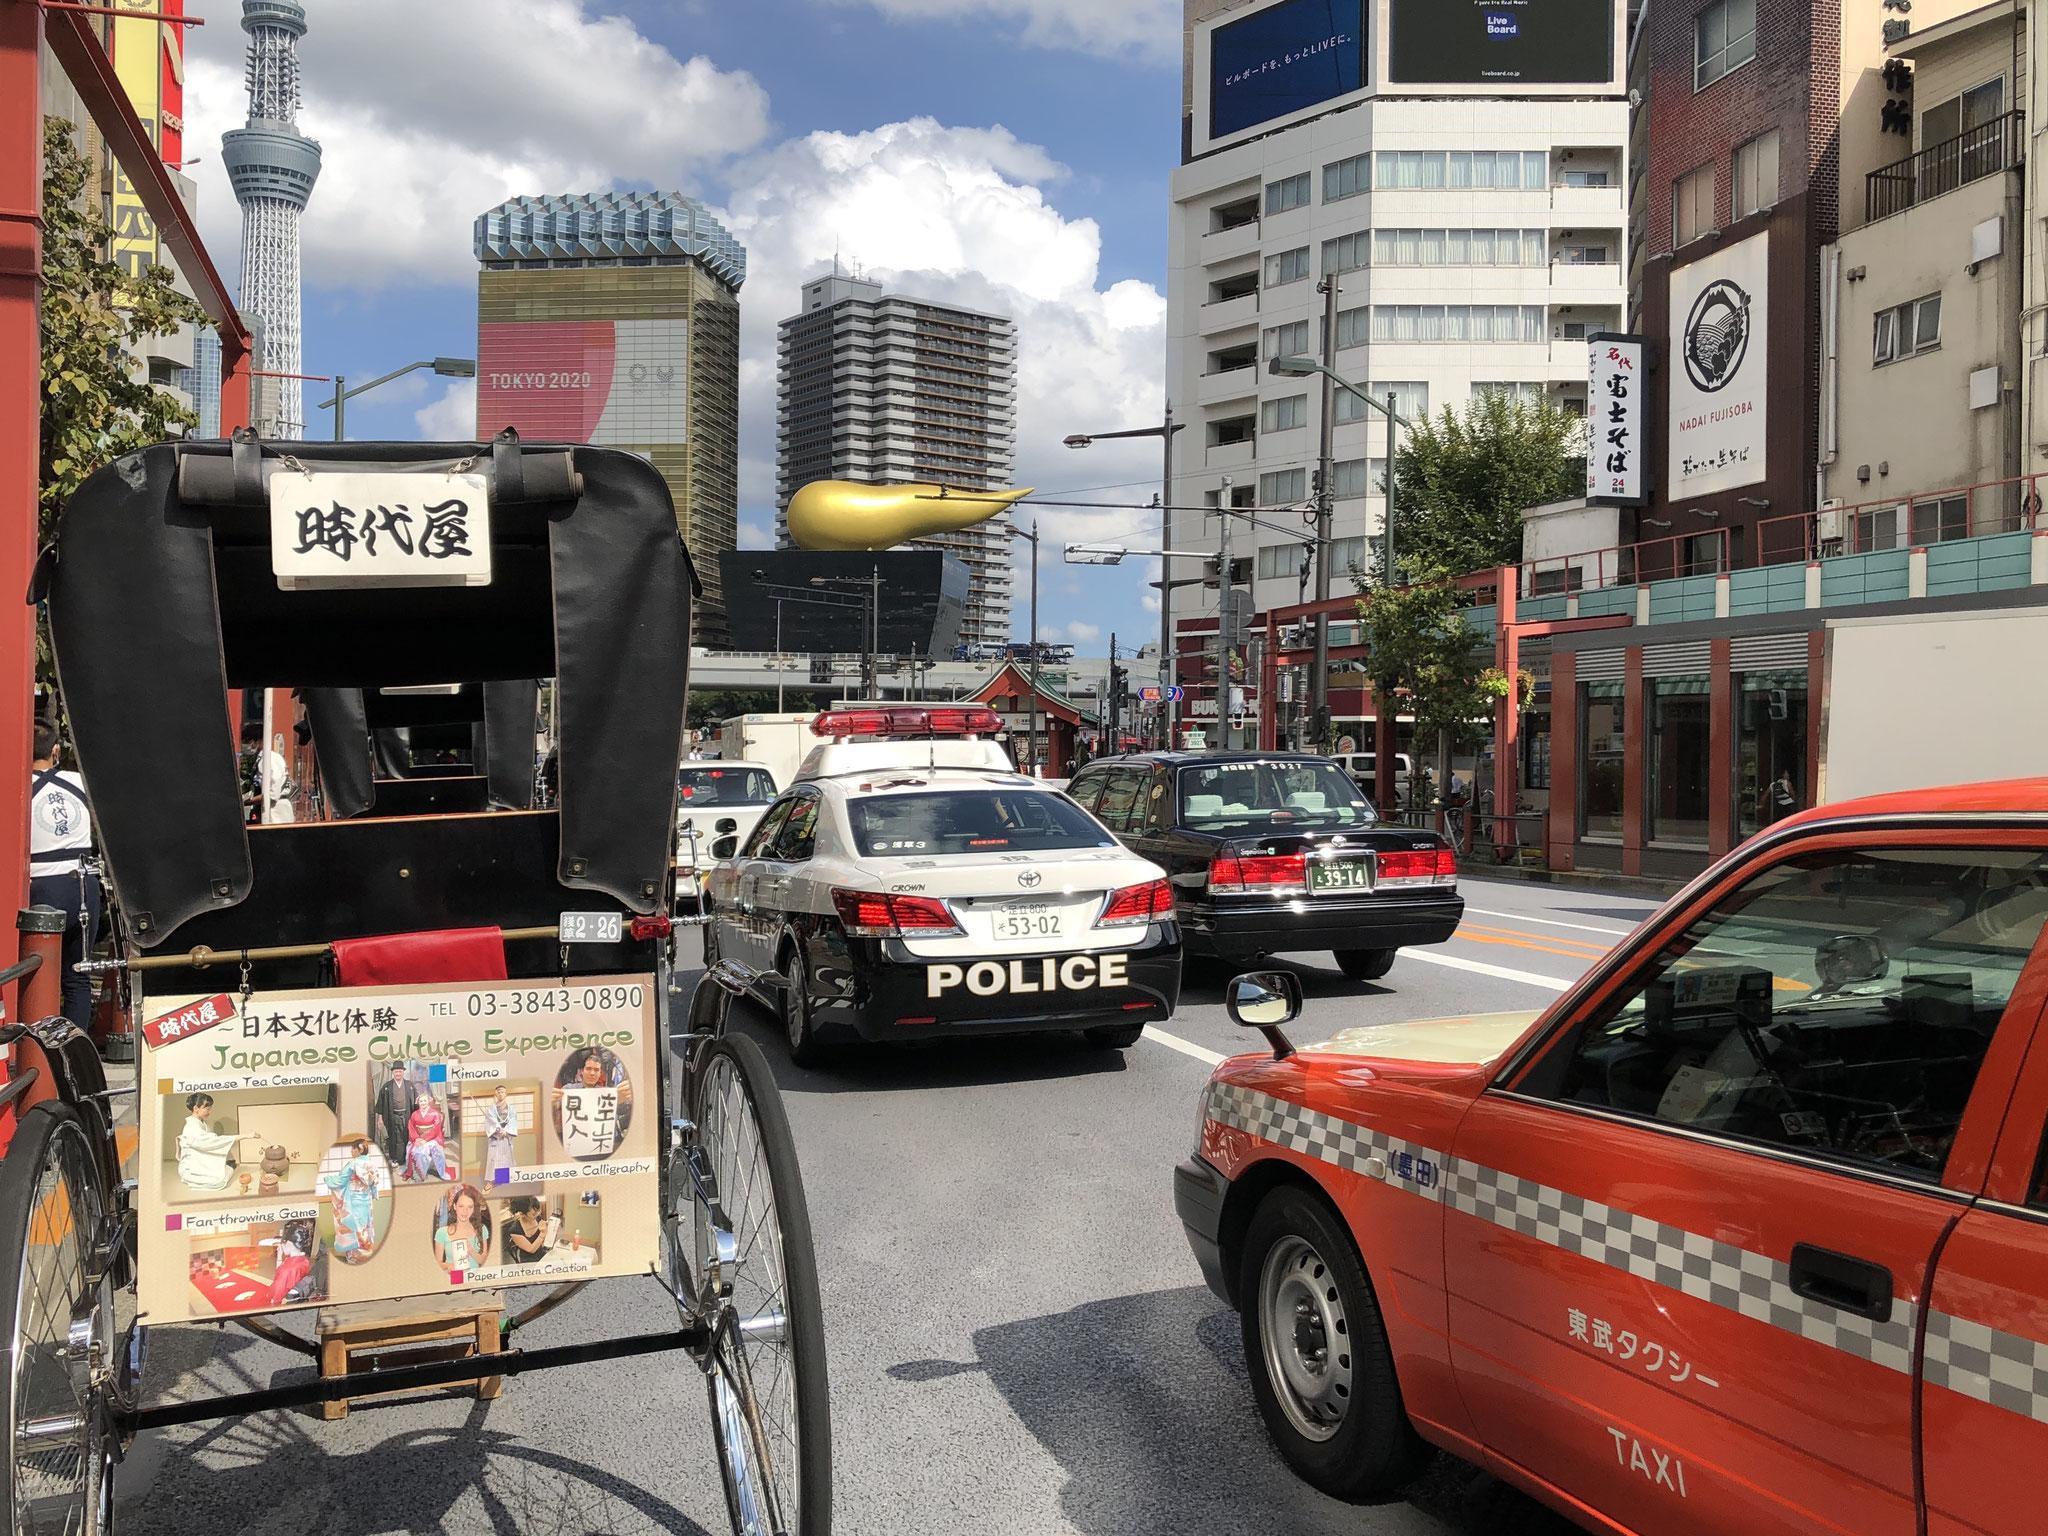 「東京オリンピック2020」の看板や、暇そうにしている観光関係者をみるのは悲しい